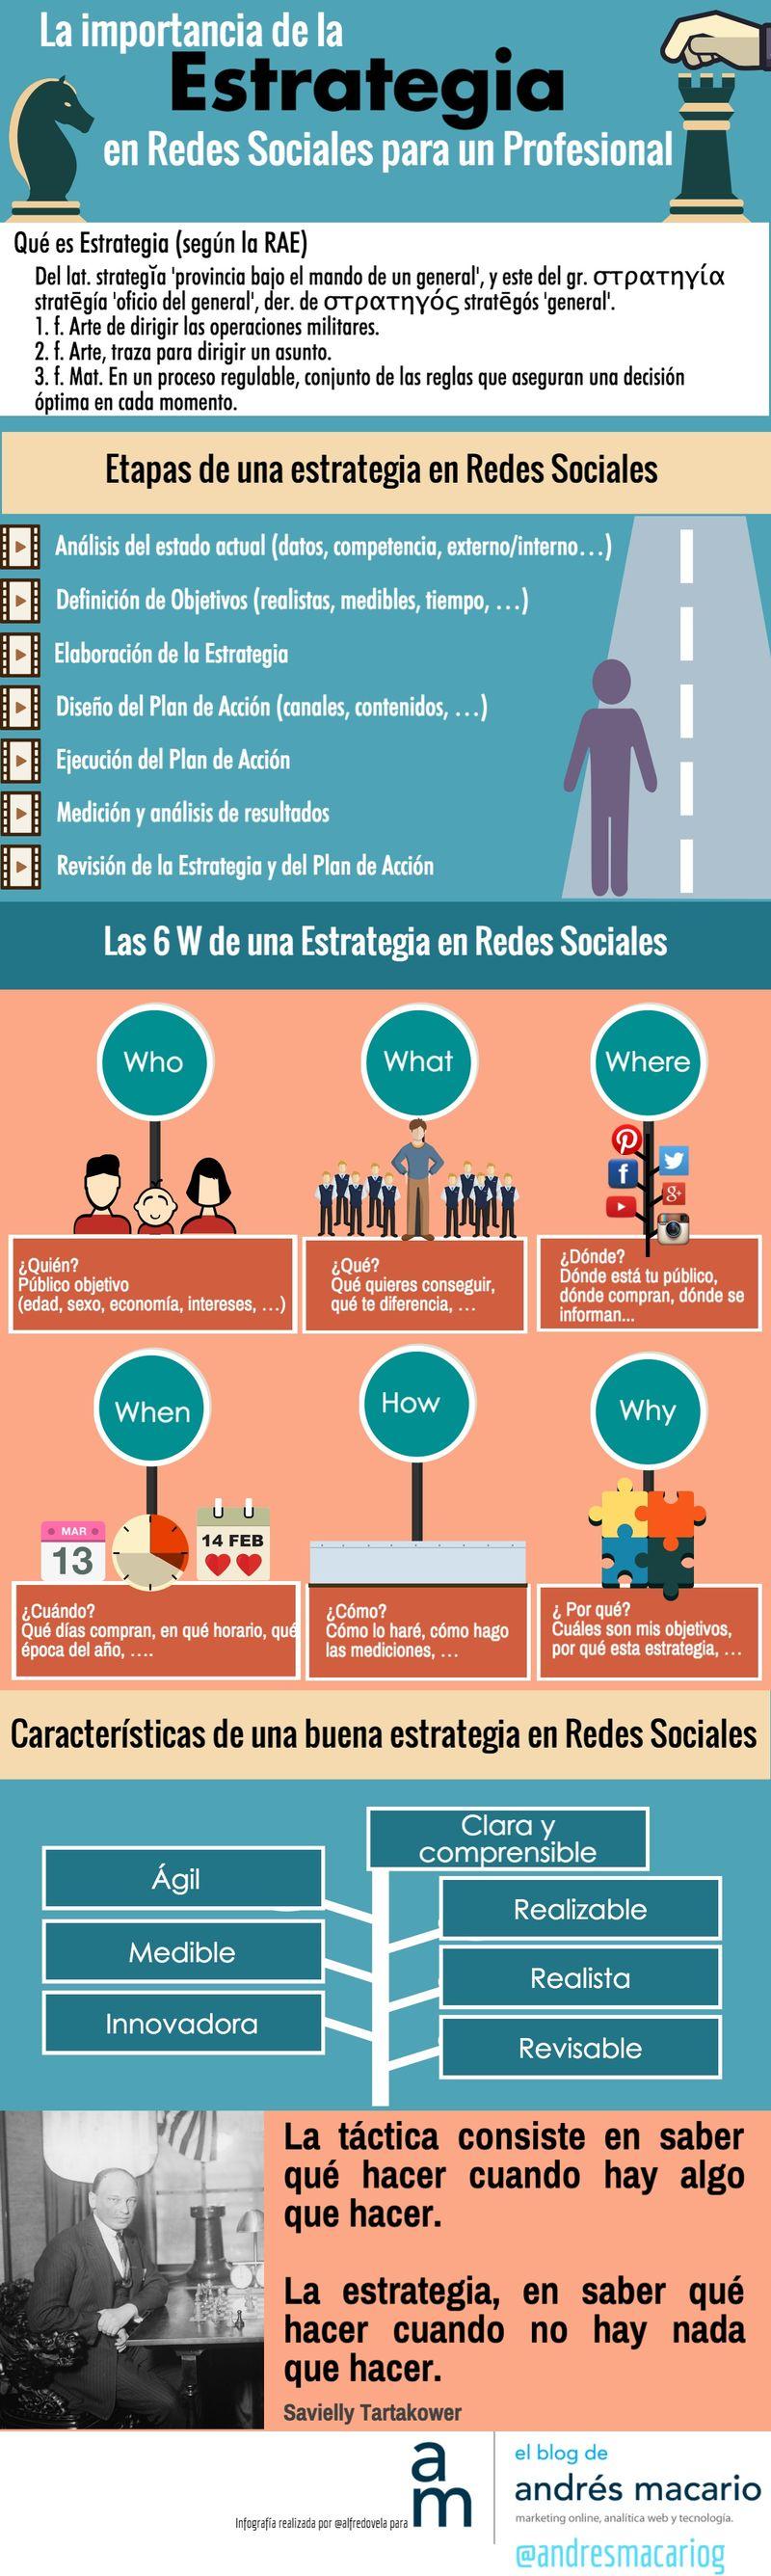 Importancia de la Estrategia en Redes Sociales2 ¿Conoces la importancia de la Estrategia en Redes Sociales? (infografía)